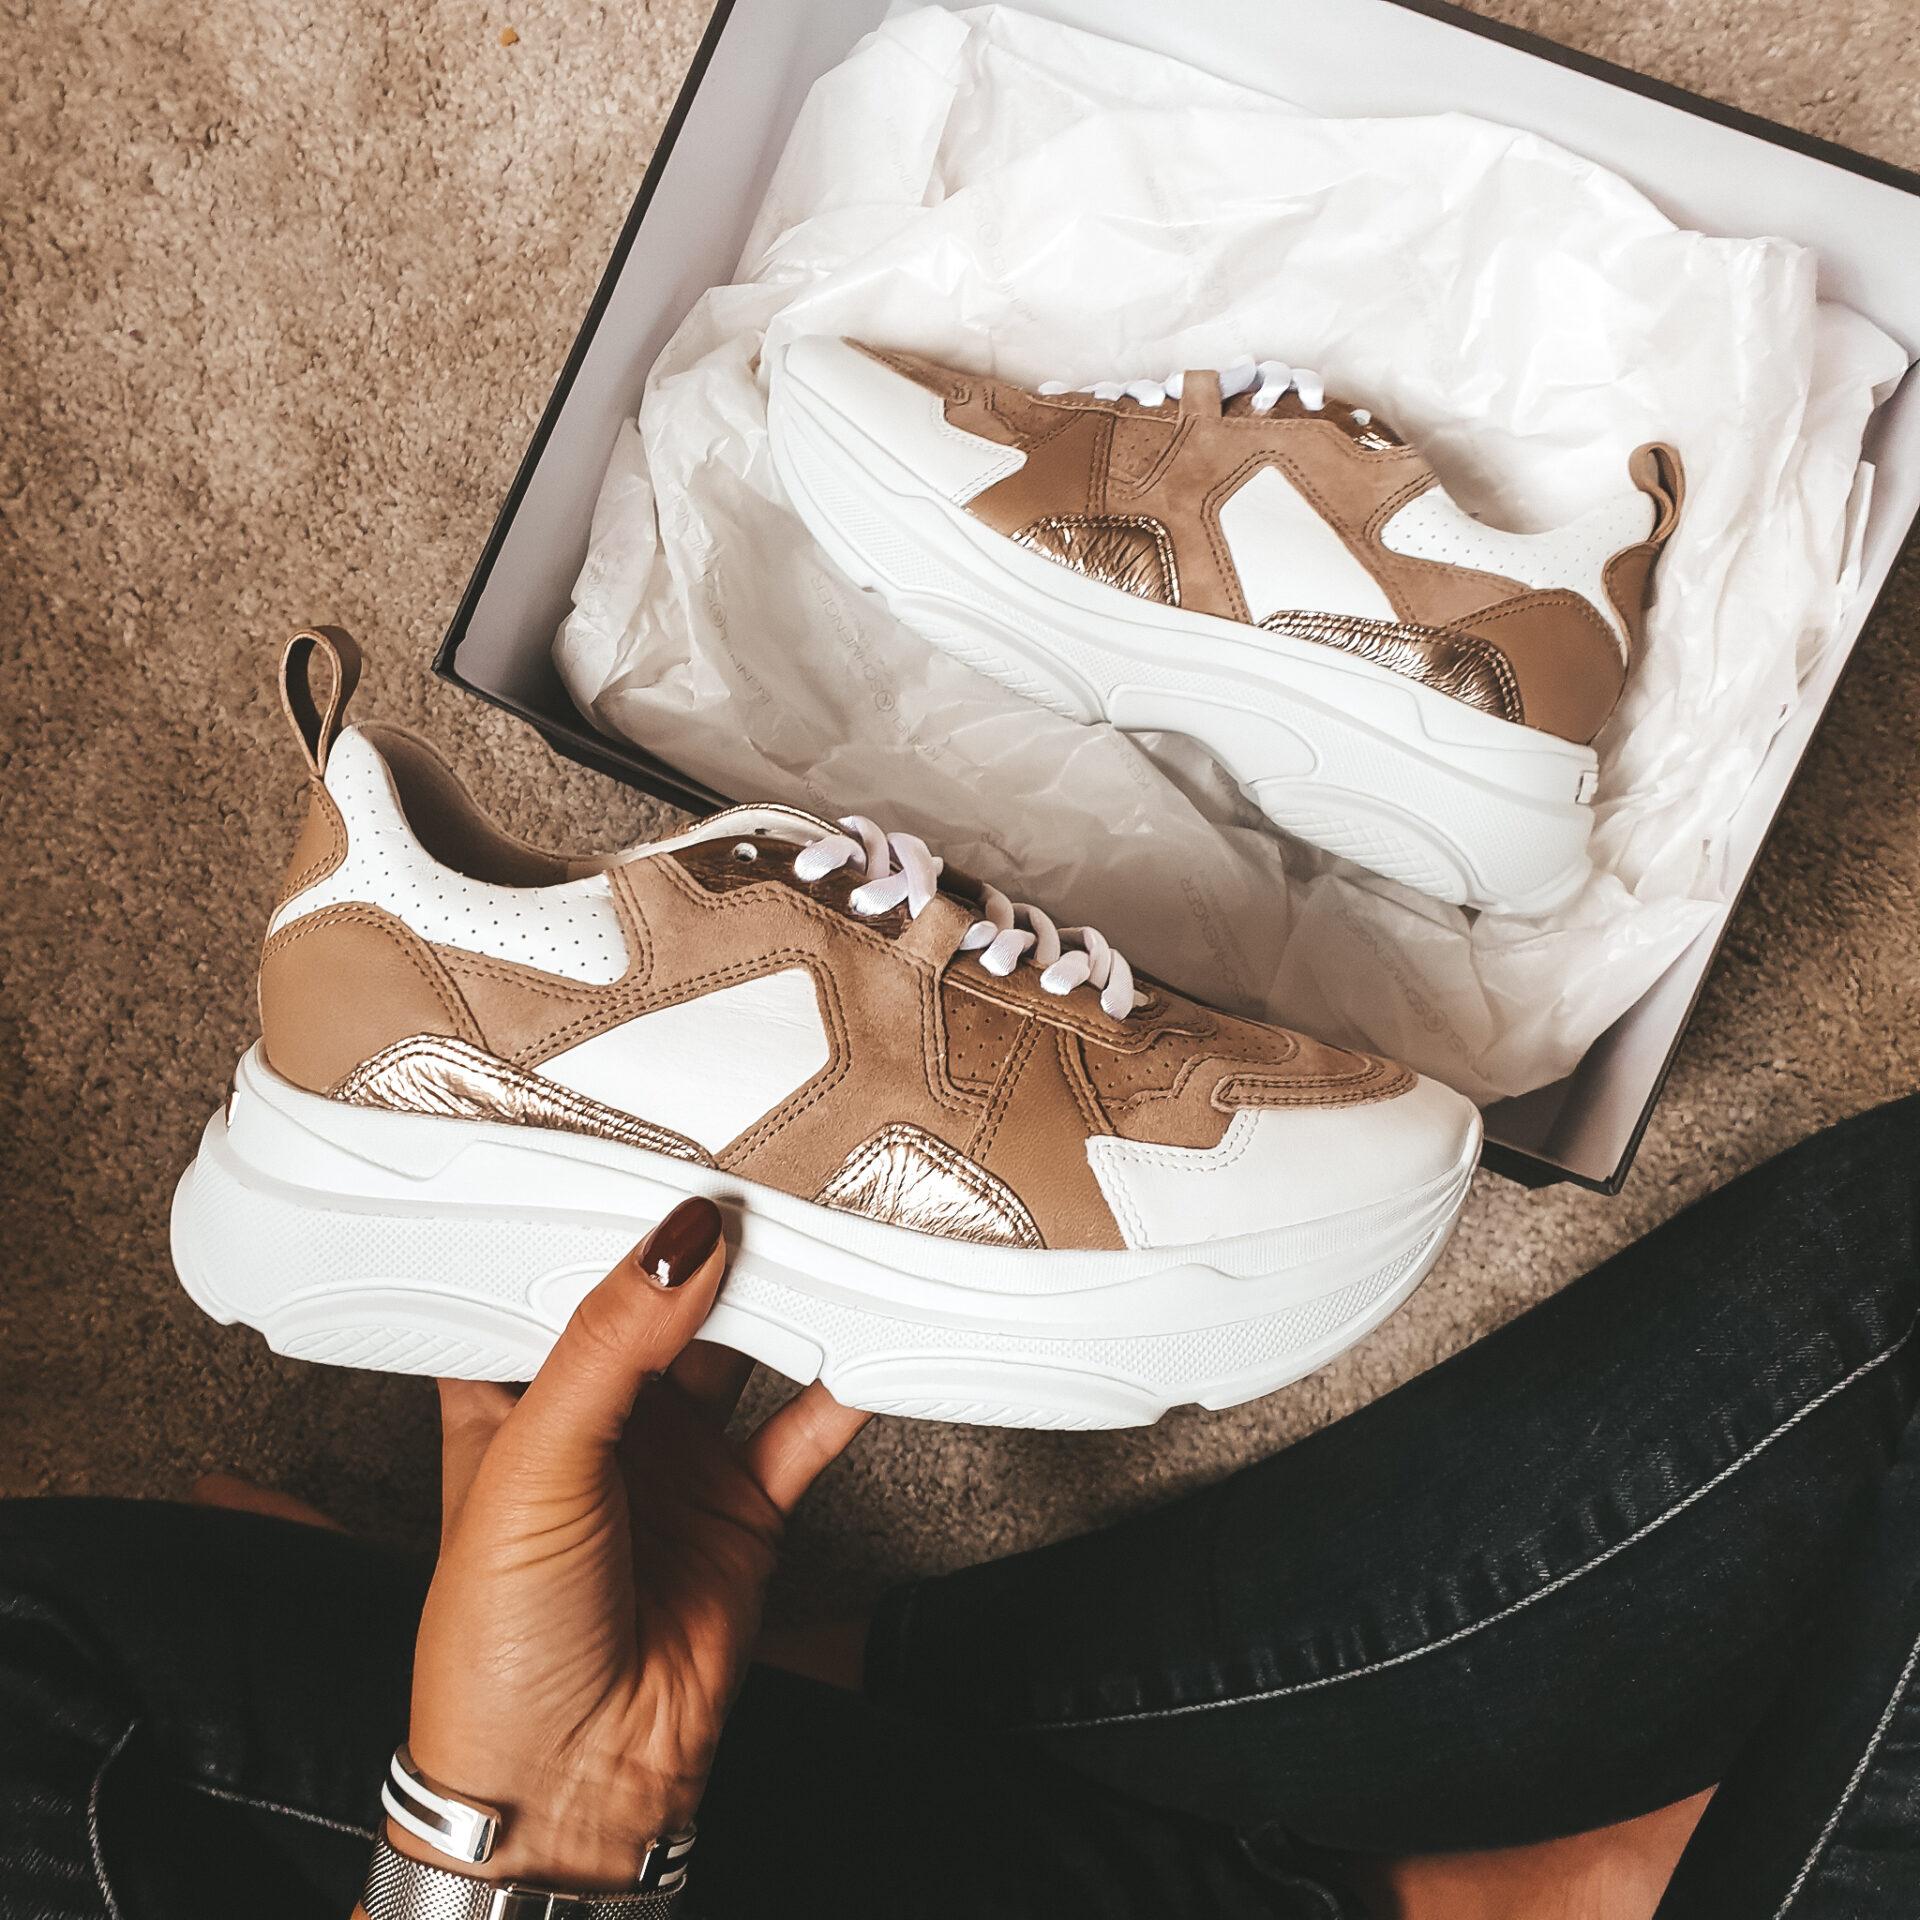 Nieuwe sneakers!